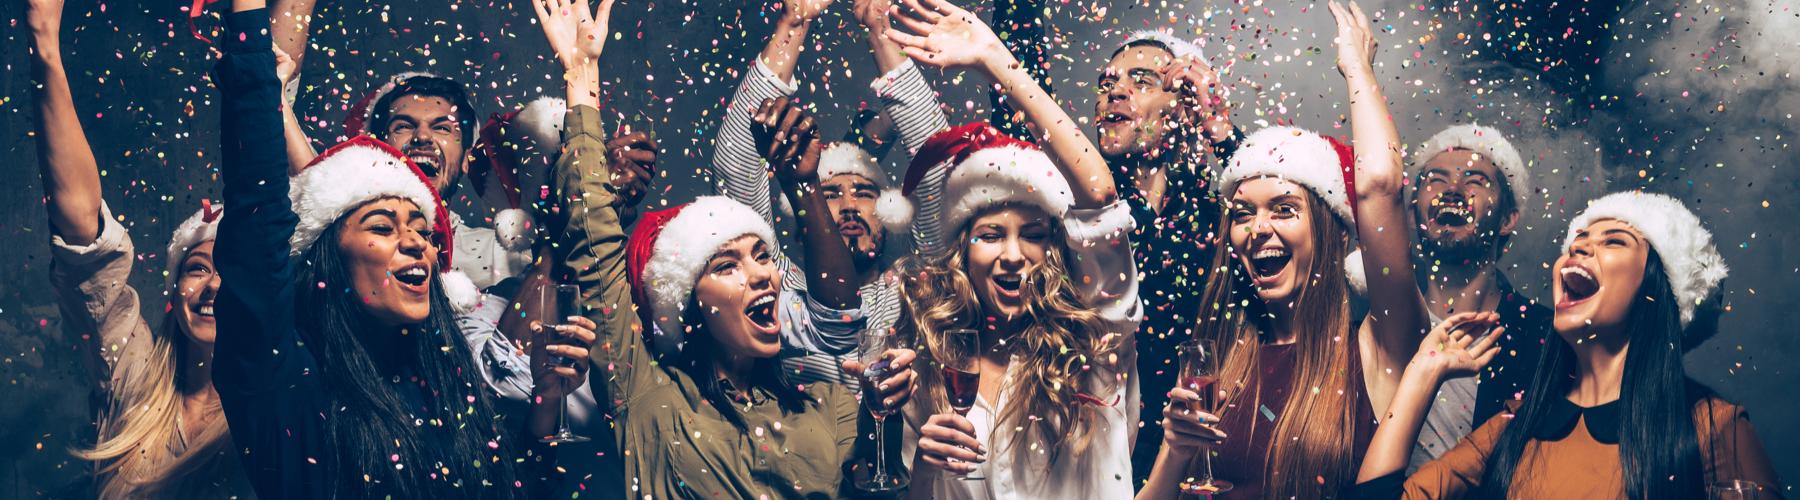 5 Ideas geniales de marketing navideño que querrás llevar a cabo